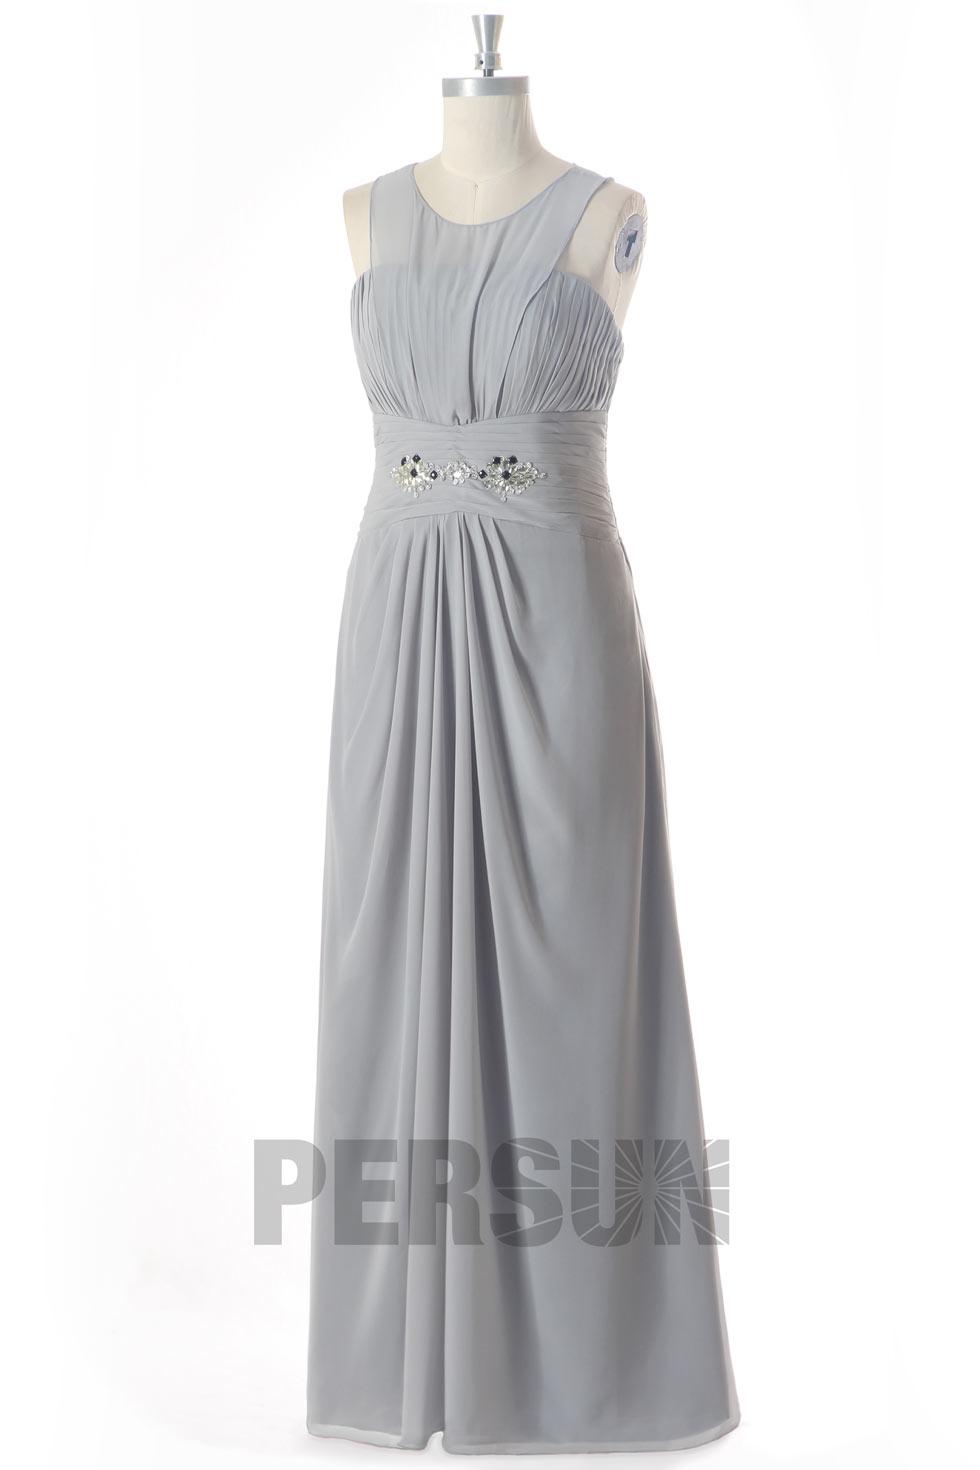 Rund-Ausschnitt grau Etui-Linie PerleFalten lang Abendkleid aus Chiffon